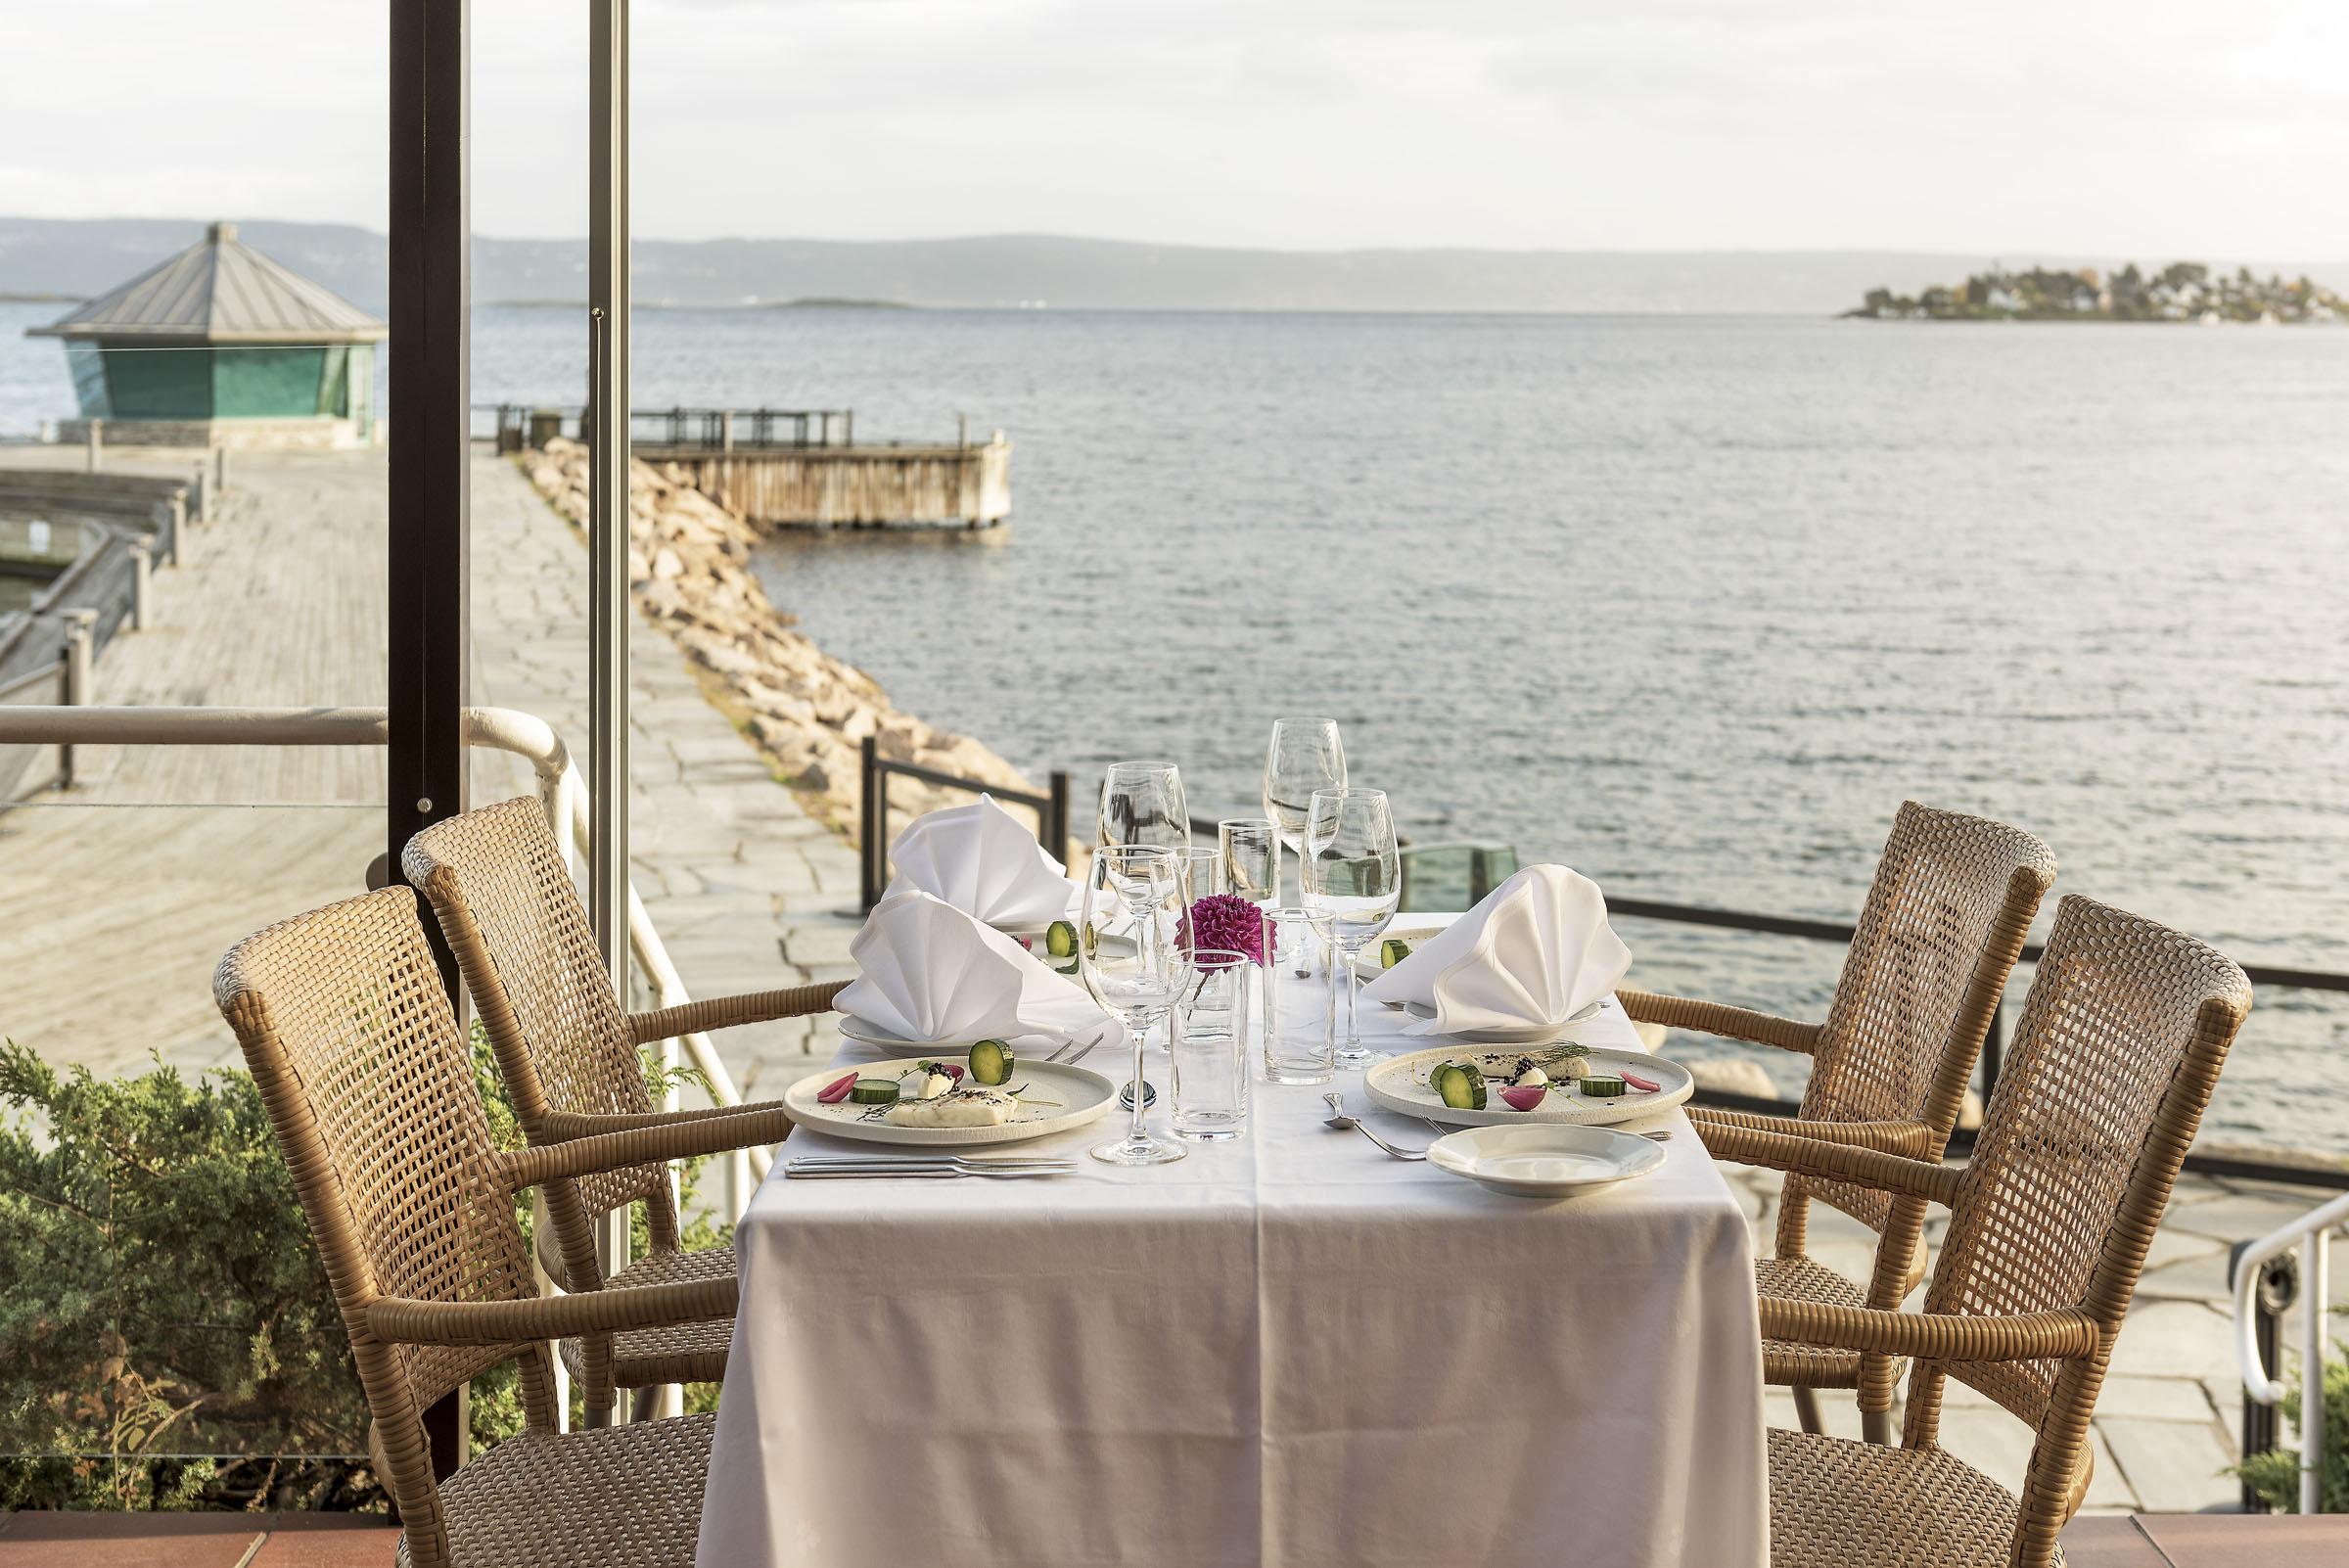 Holmen_Fjordhotell_Restaurant_5.jpg